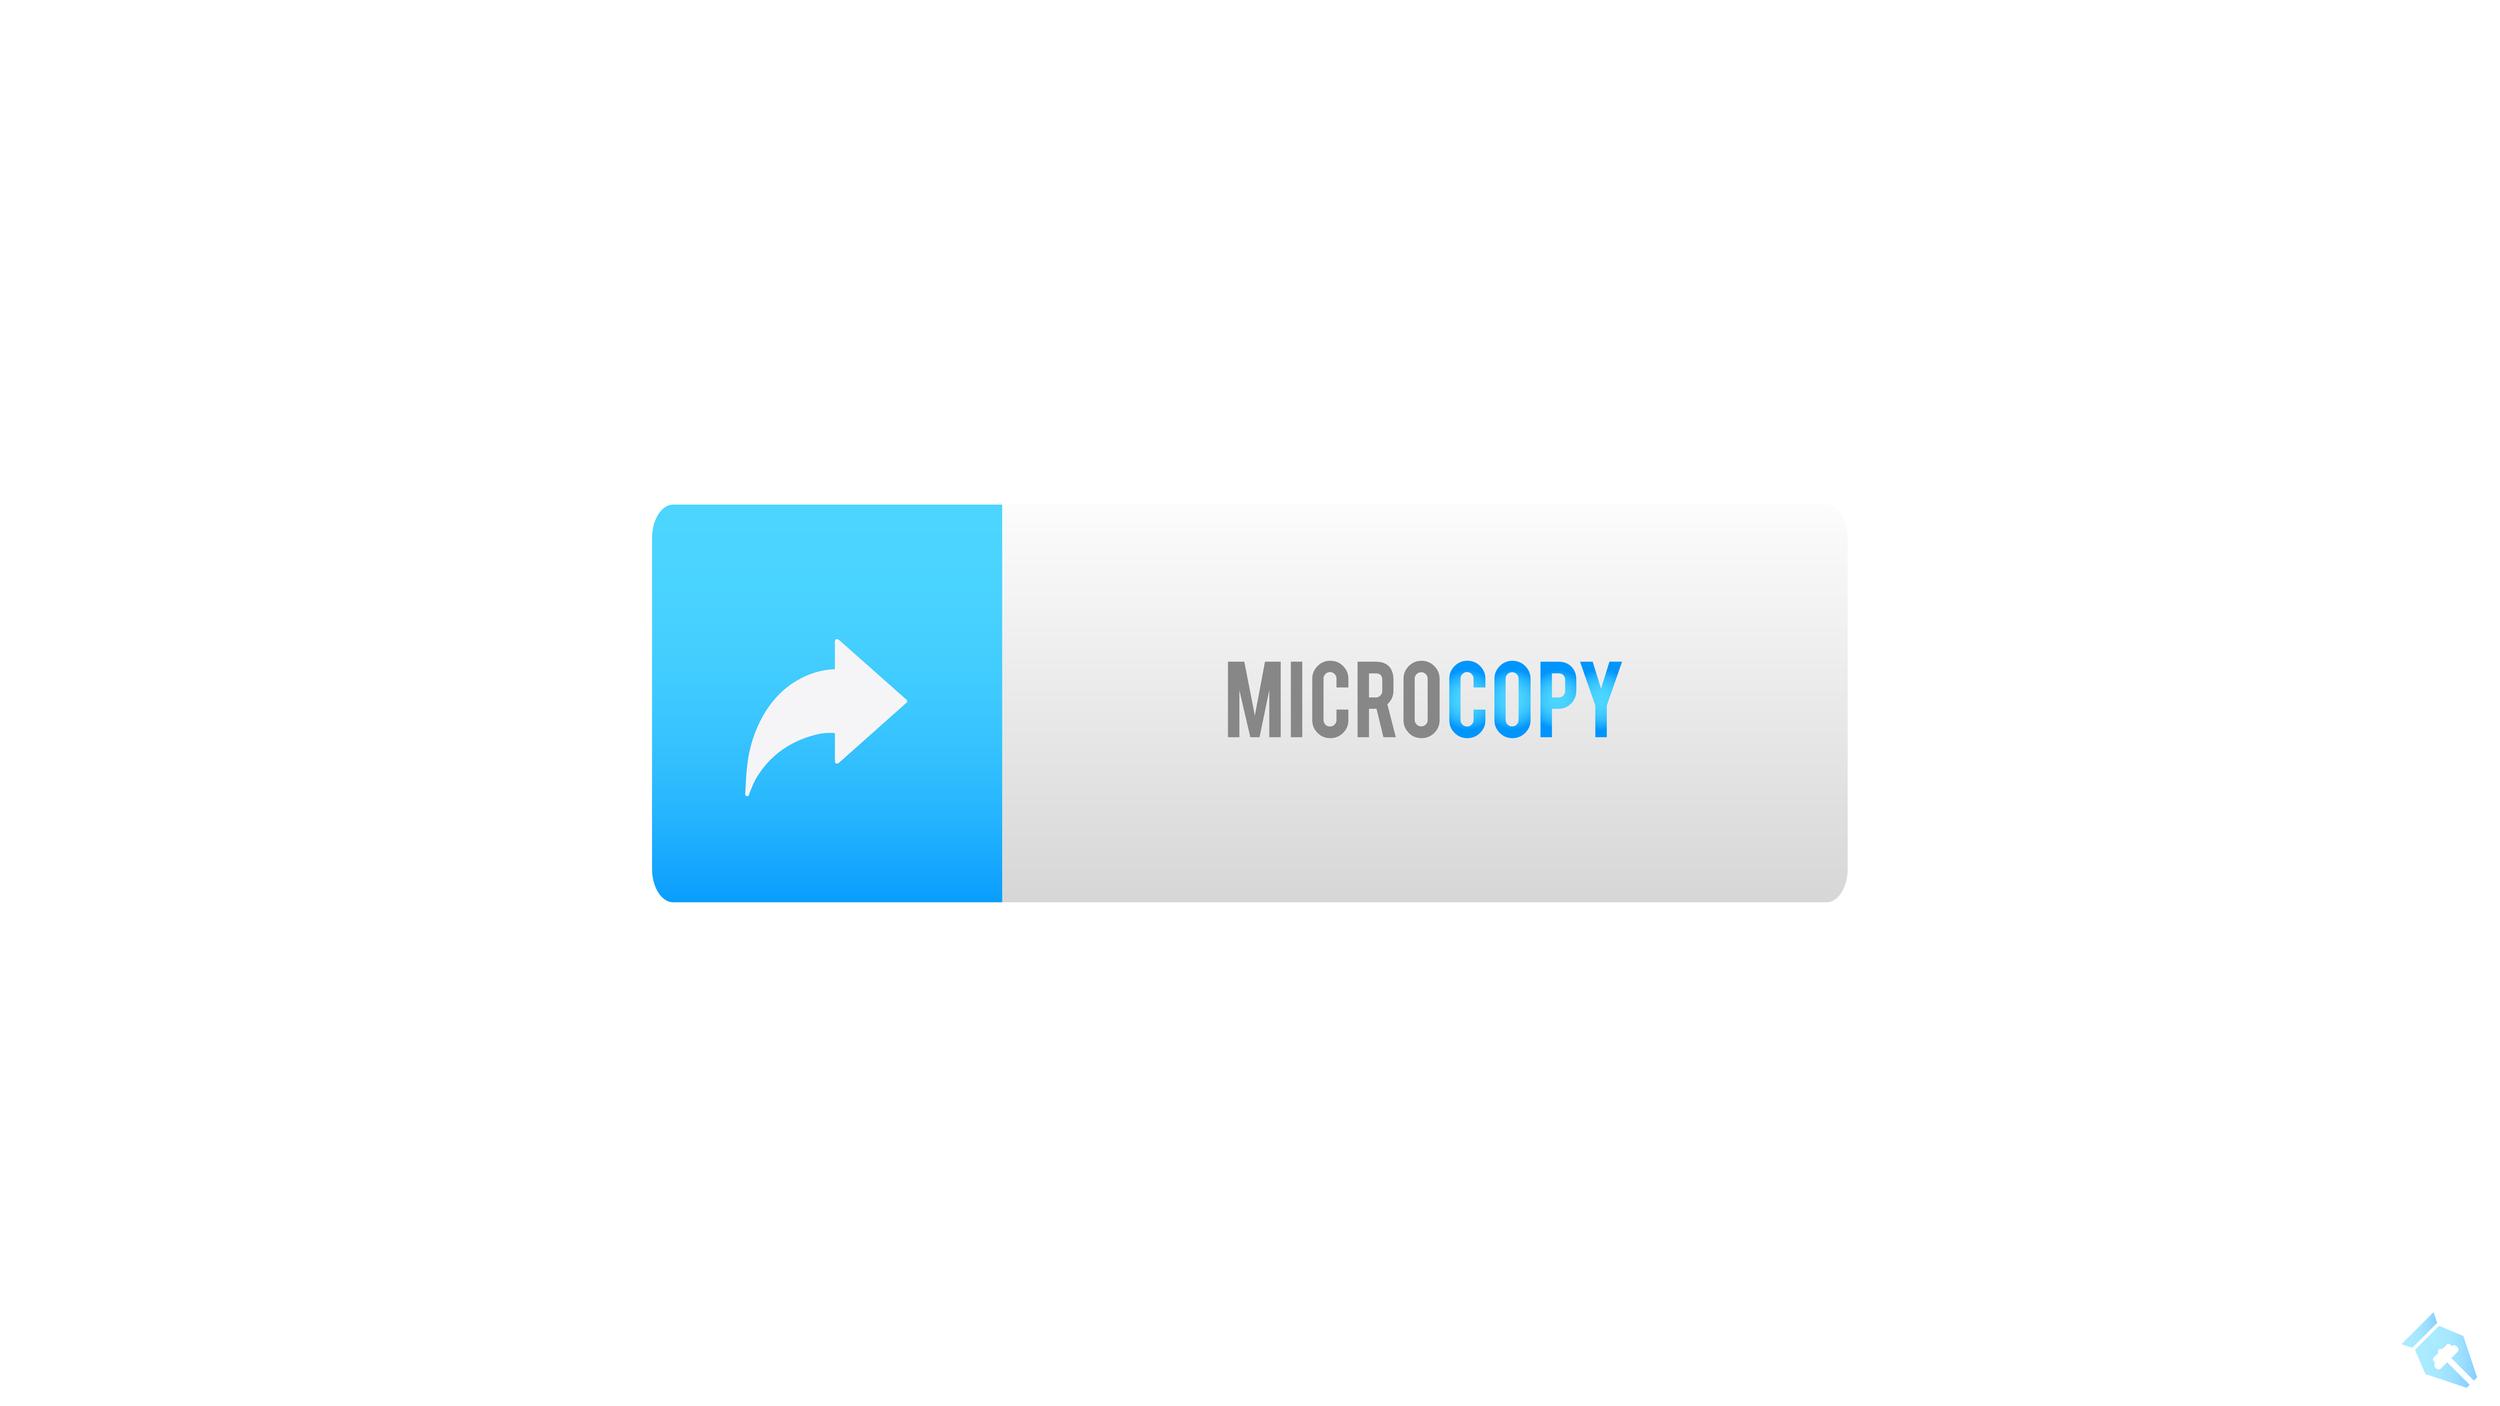 Copybuffs_Microcopy_Design-01.png